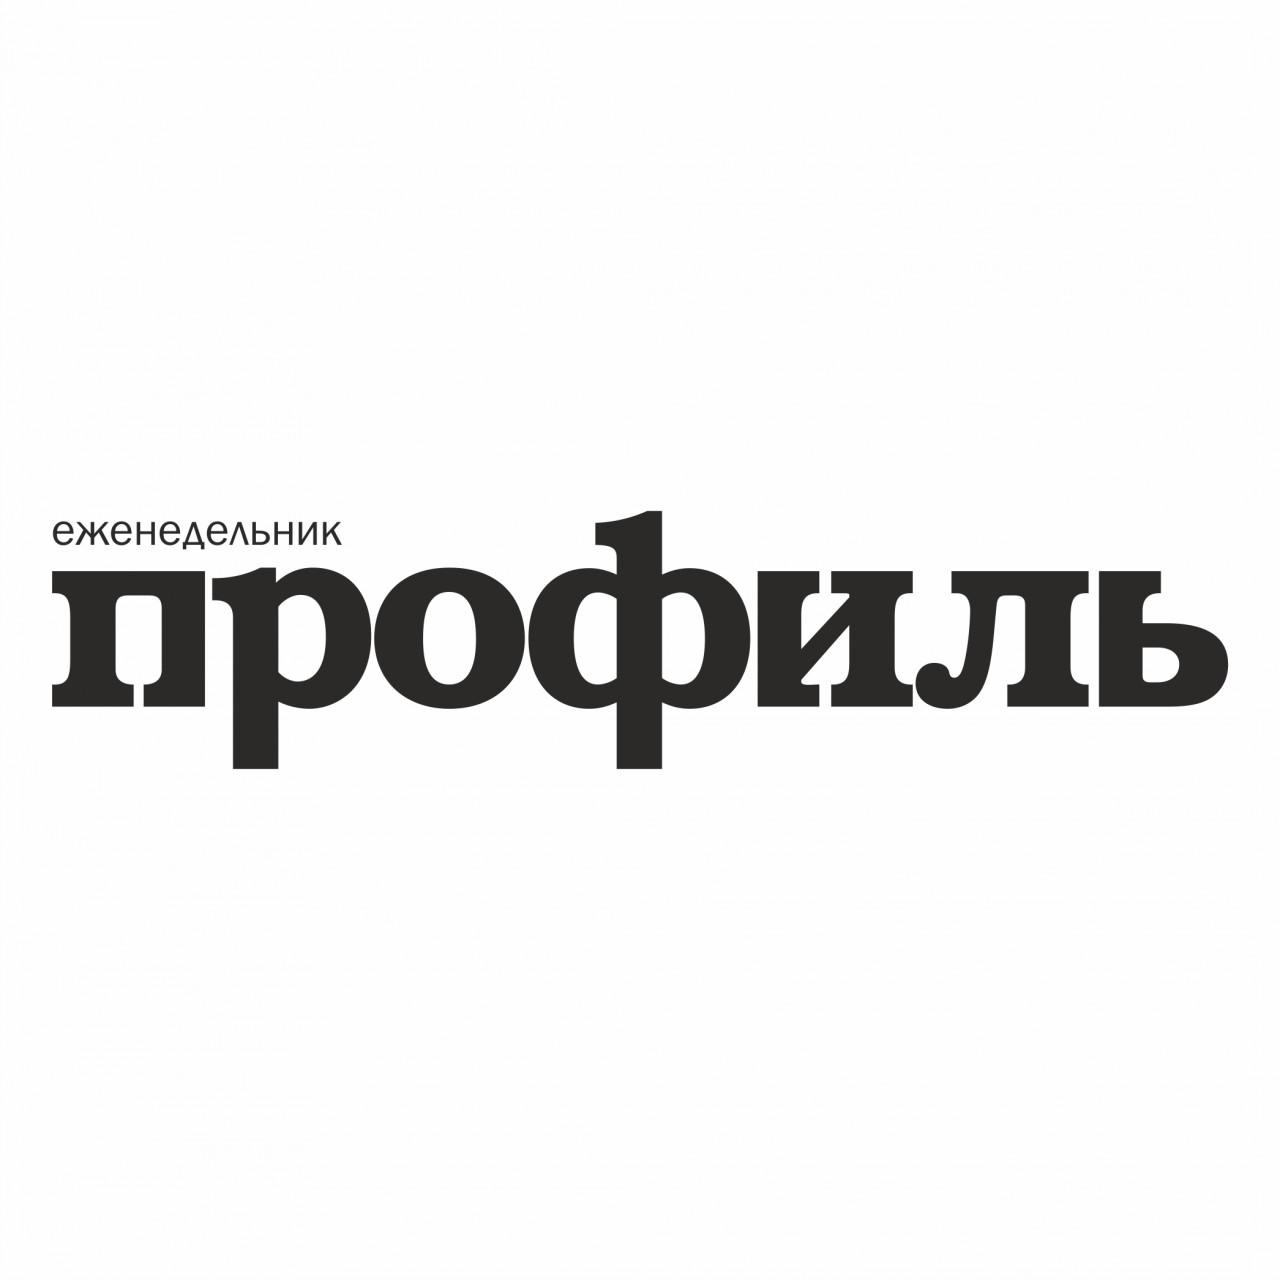 Премьер Армении Саргсян подал в отставку